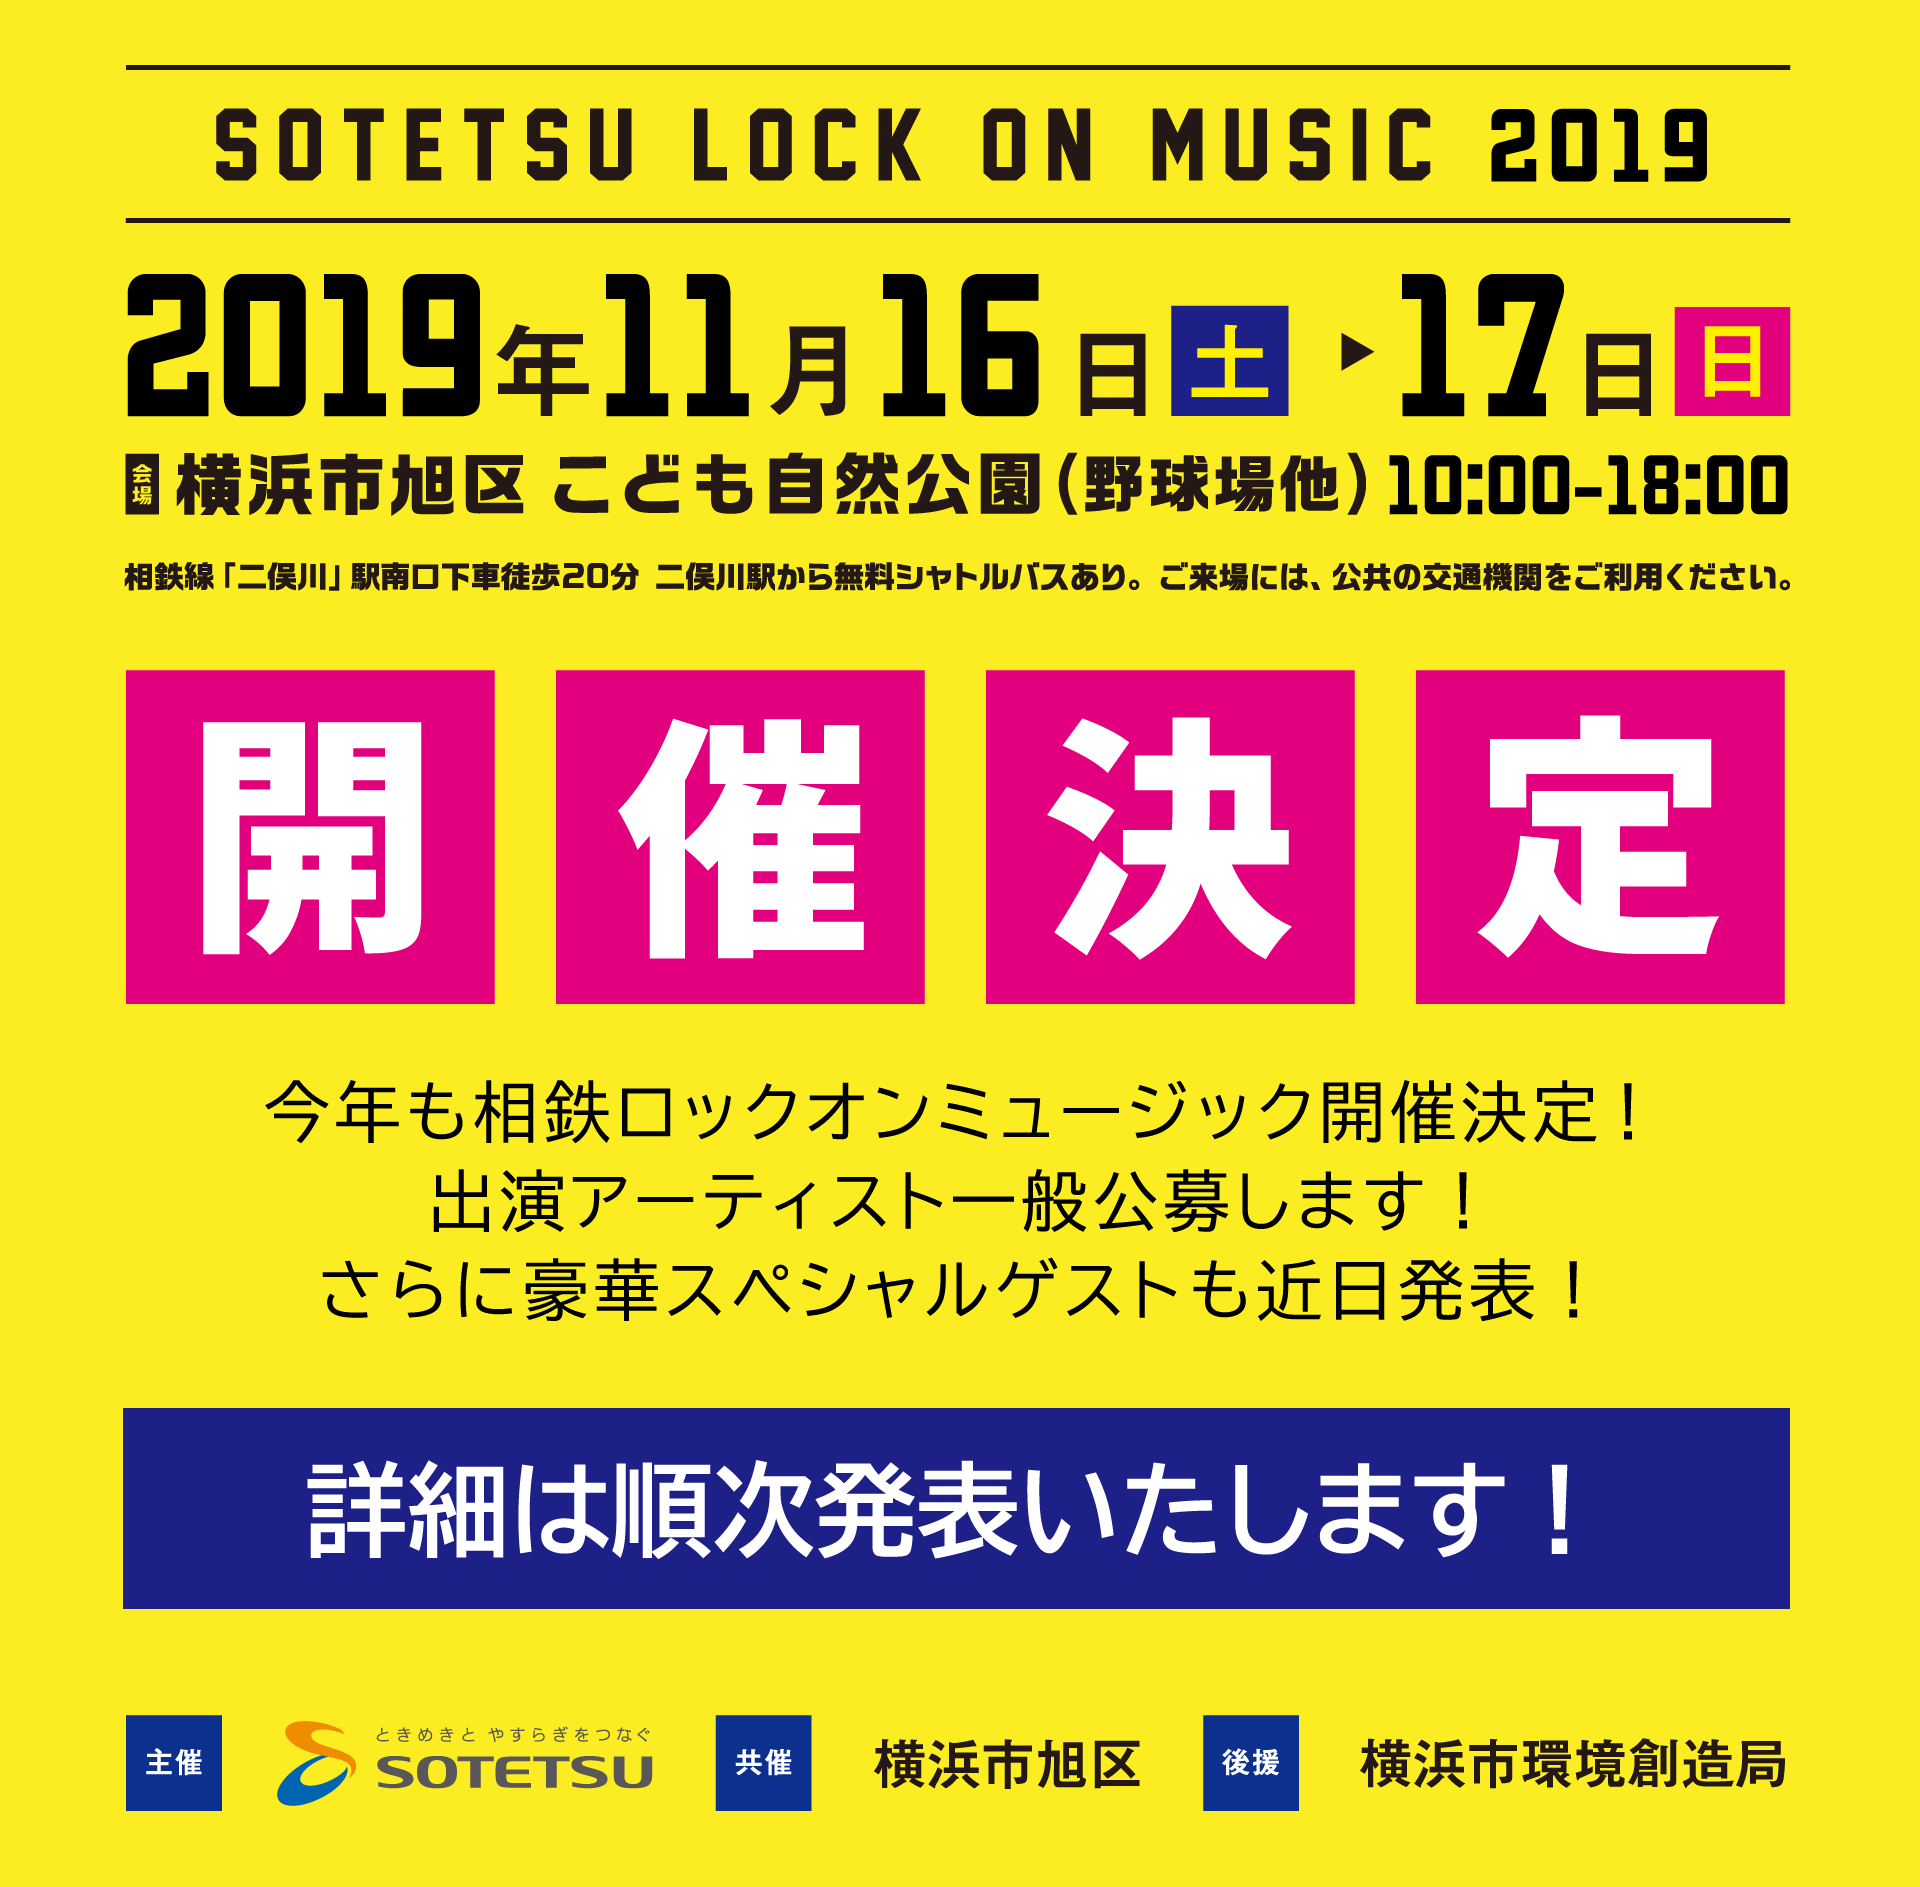 相鉄ロックオンミュージック2019開催決定!今年は11月16日・17日の2日間、横浜市こども自然公園にて開催します!音楽ファンから家族連れまでみんなが楽しめる音楽フェスとしてさらにパワーアップ!詳細は順次発表します。